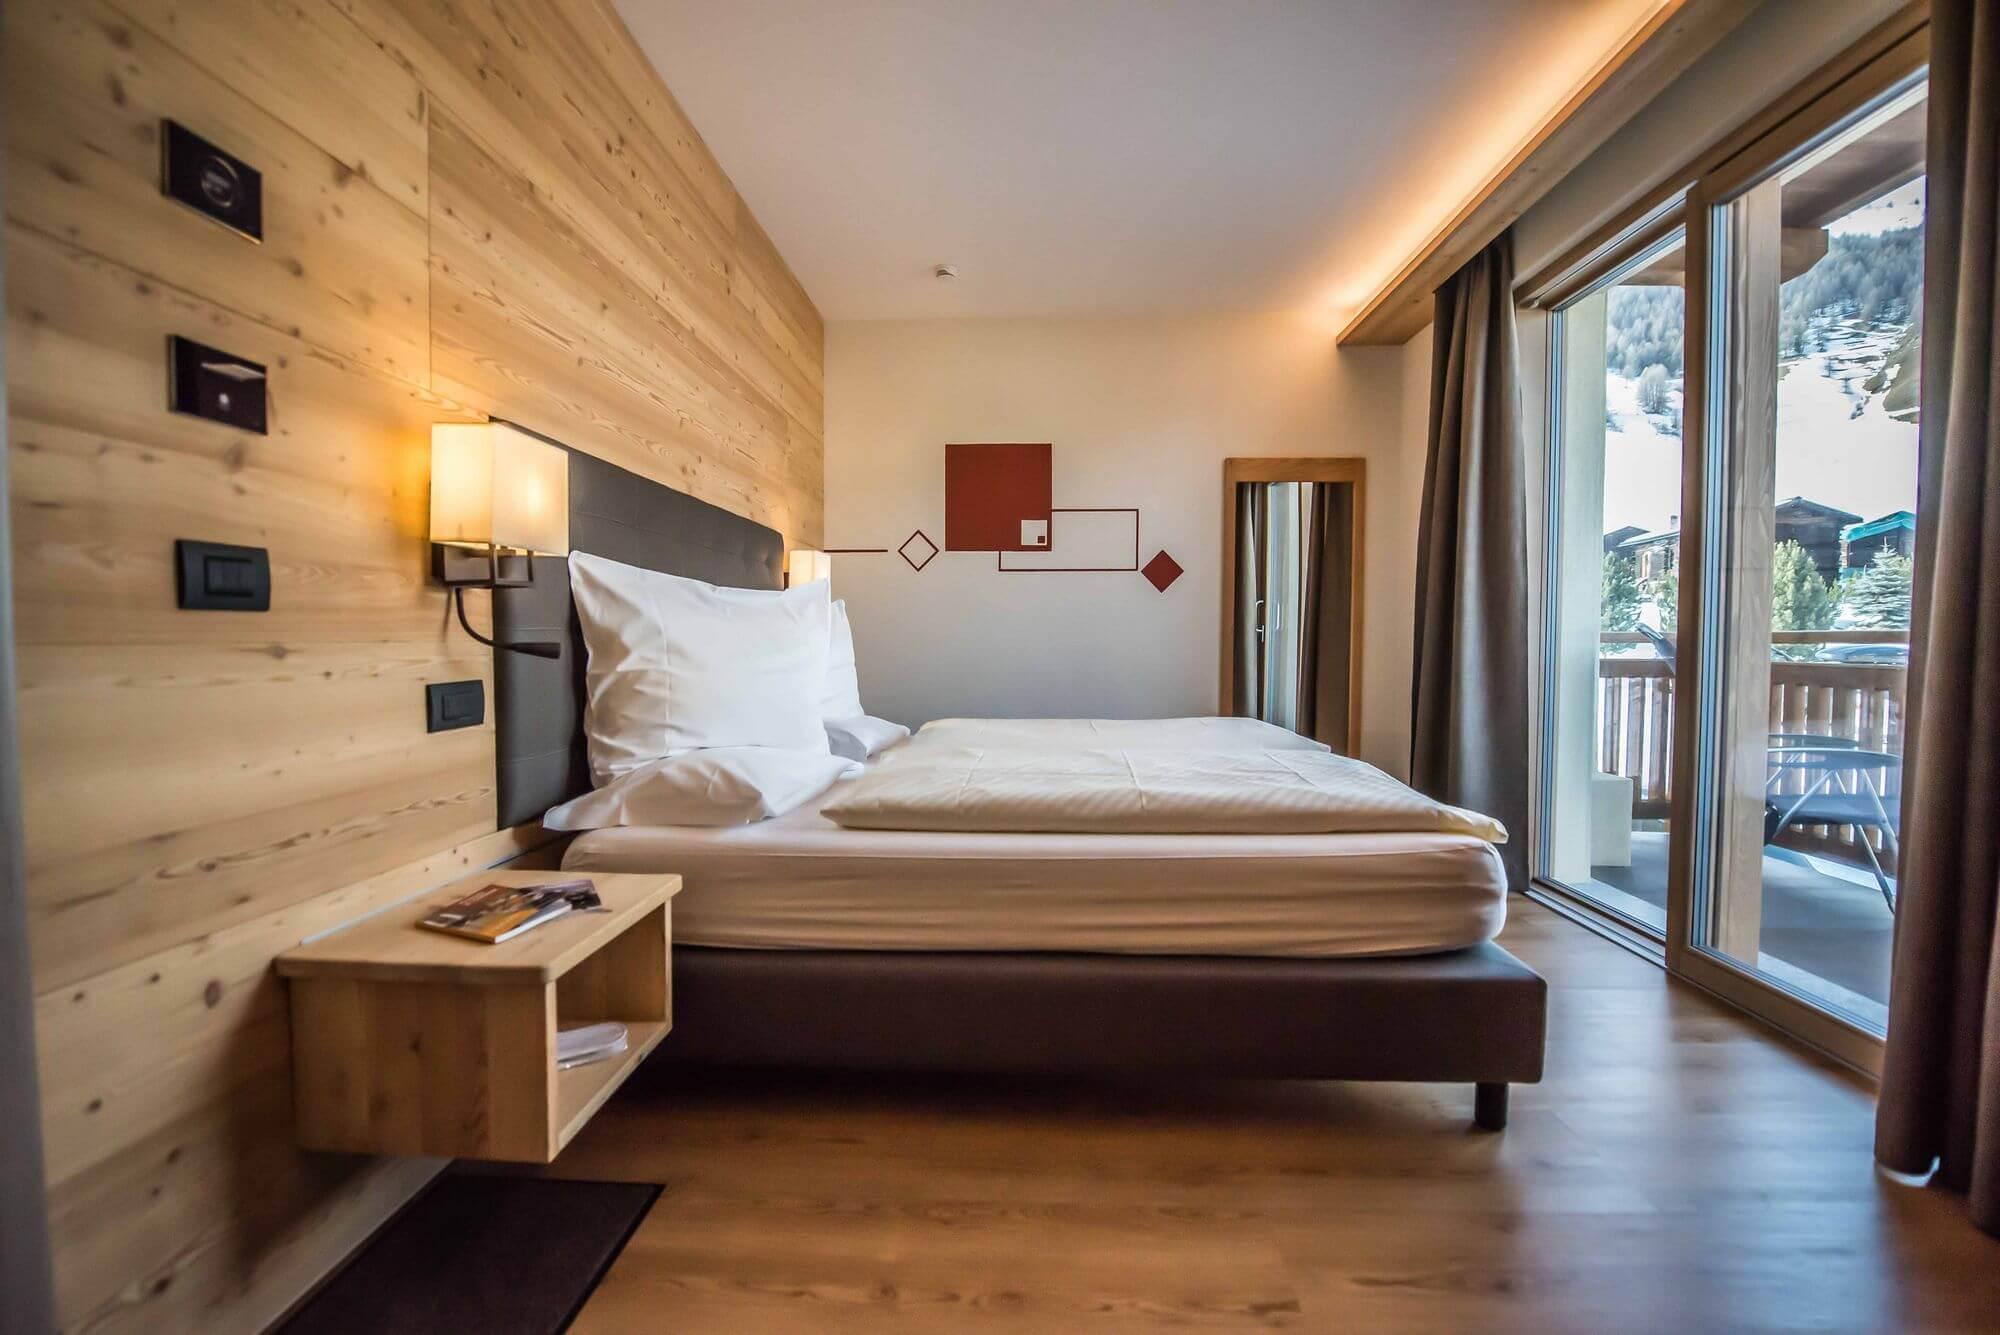 Stanza con pareti in legno: Hotel Le Alpi a Livigno